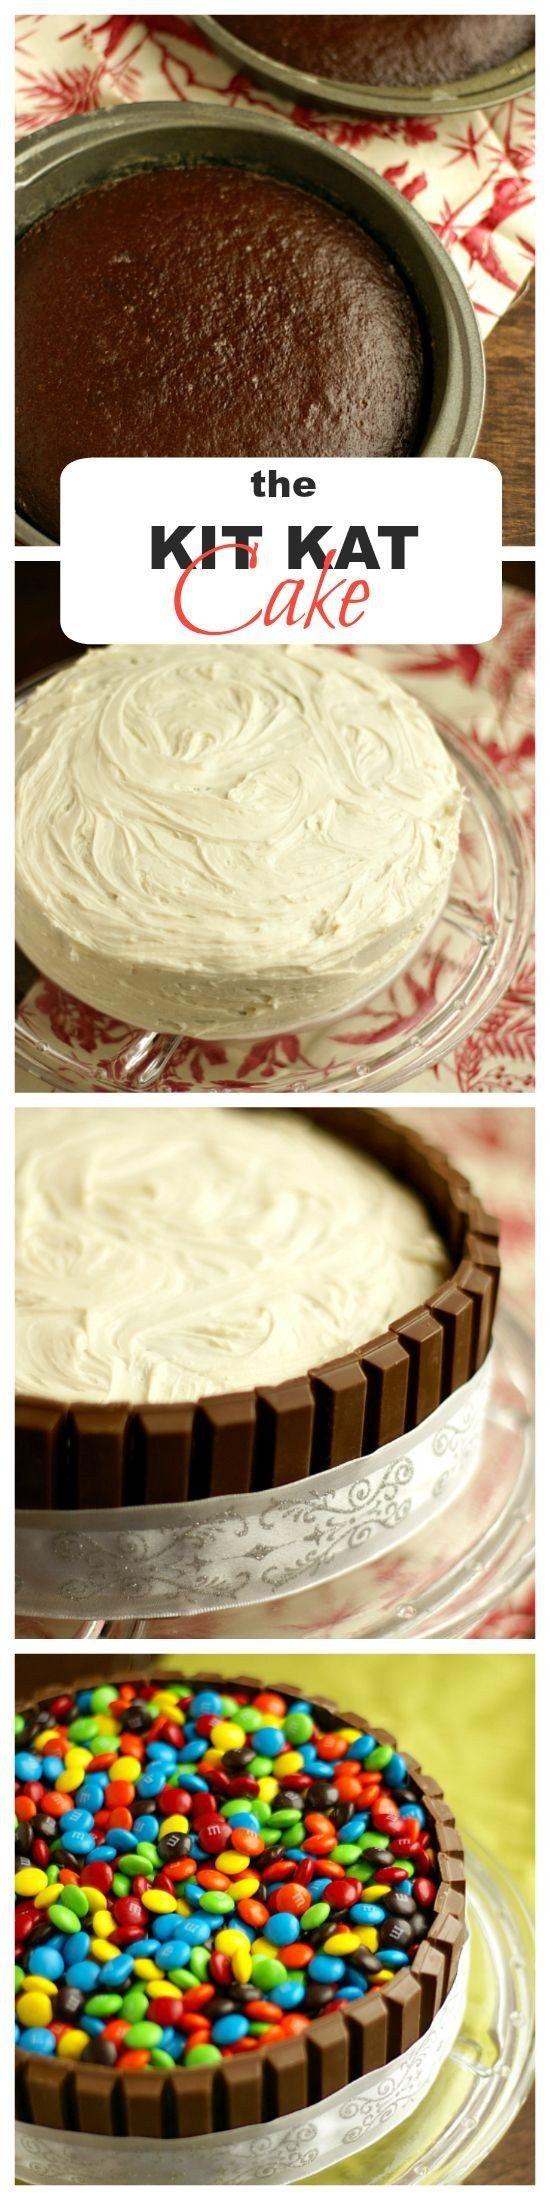 Utiliza Kit Kats y M&M para decorar un pastel simple y haz que una cantidad monstruosa de azúcar se vea elegante. | 13 Pasteles de cumpleaños para niños absolutamente geniales